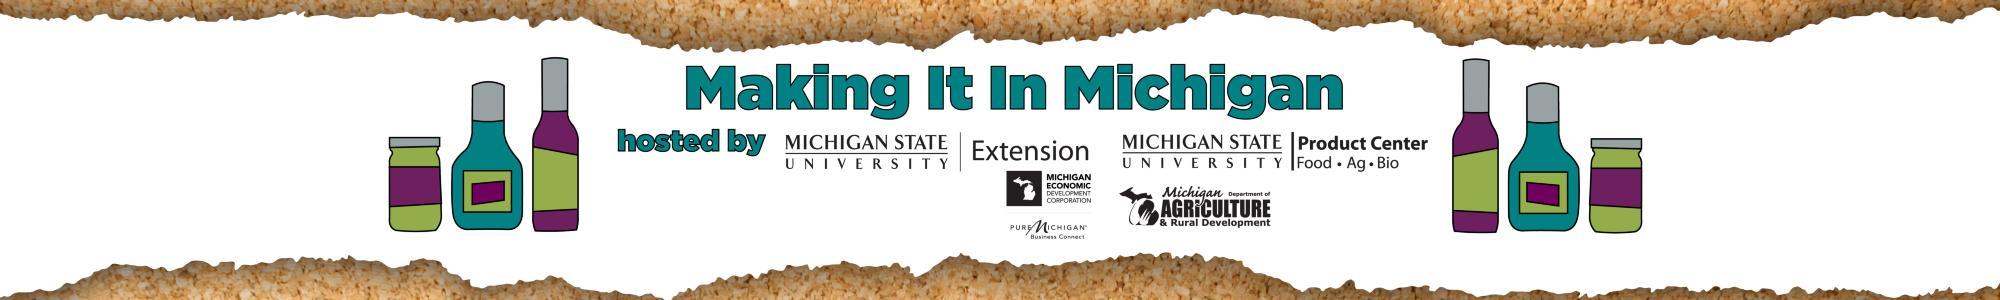 Making it in Michigan logo.